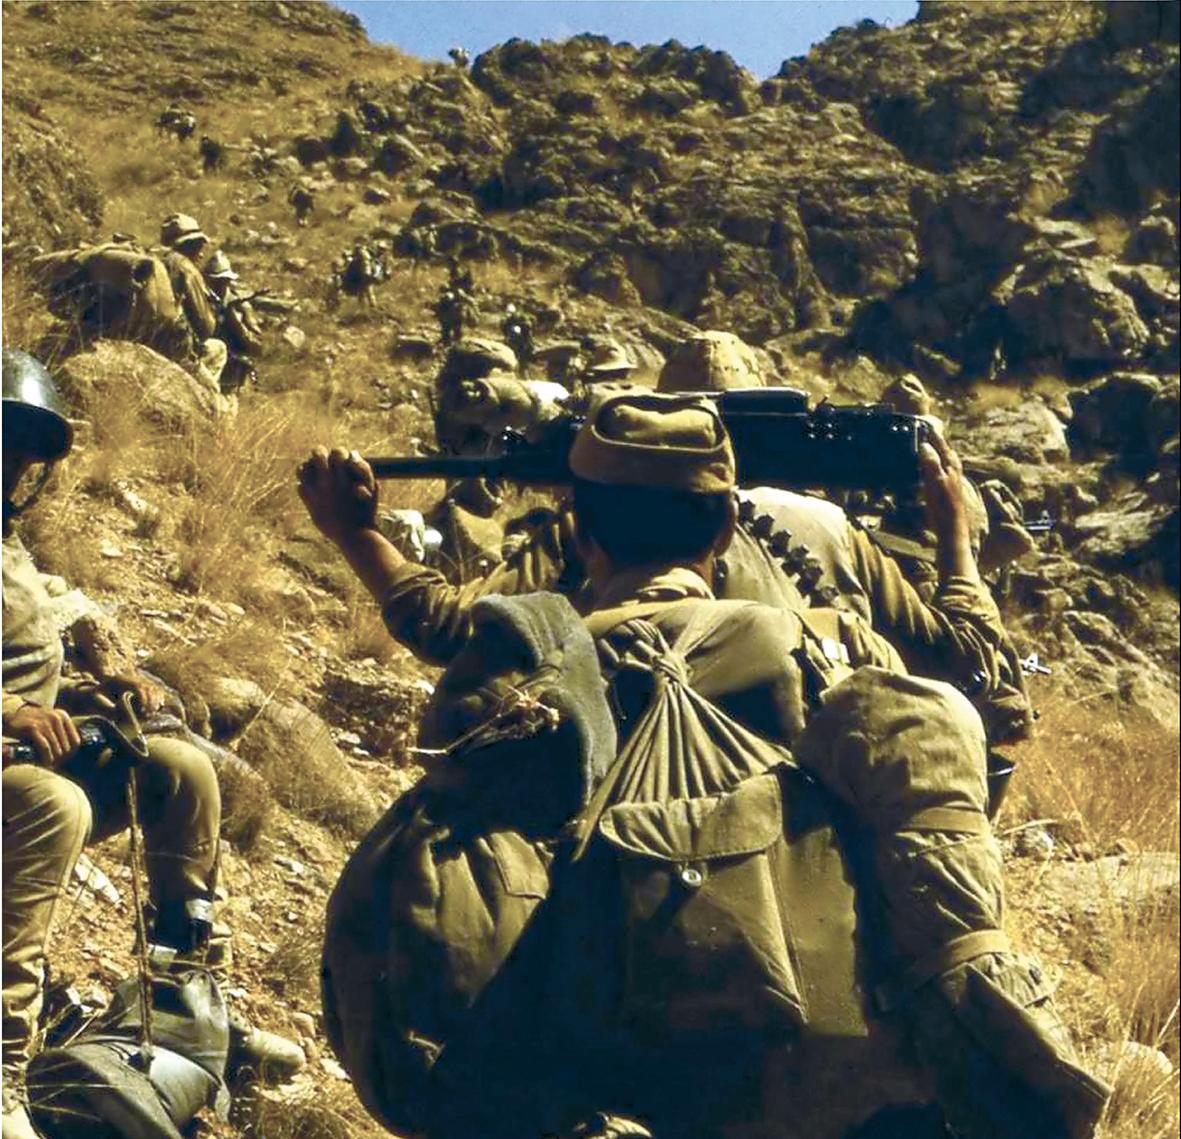 большинство картинка солдат афганцев большой спрос часто